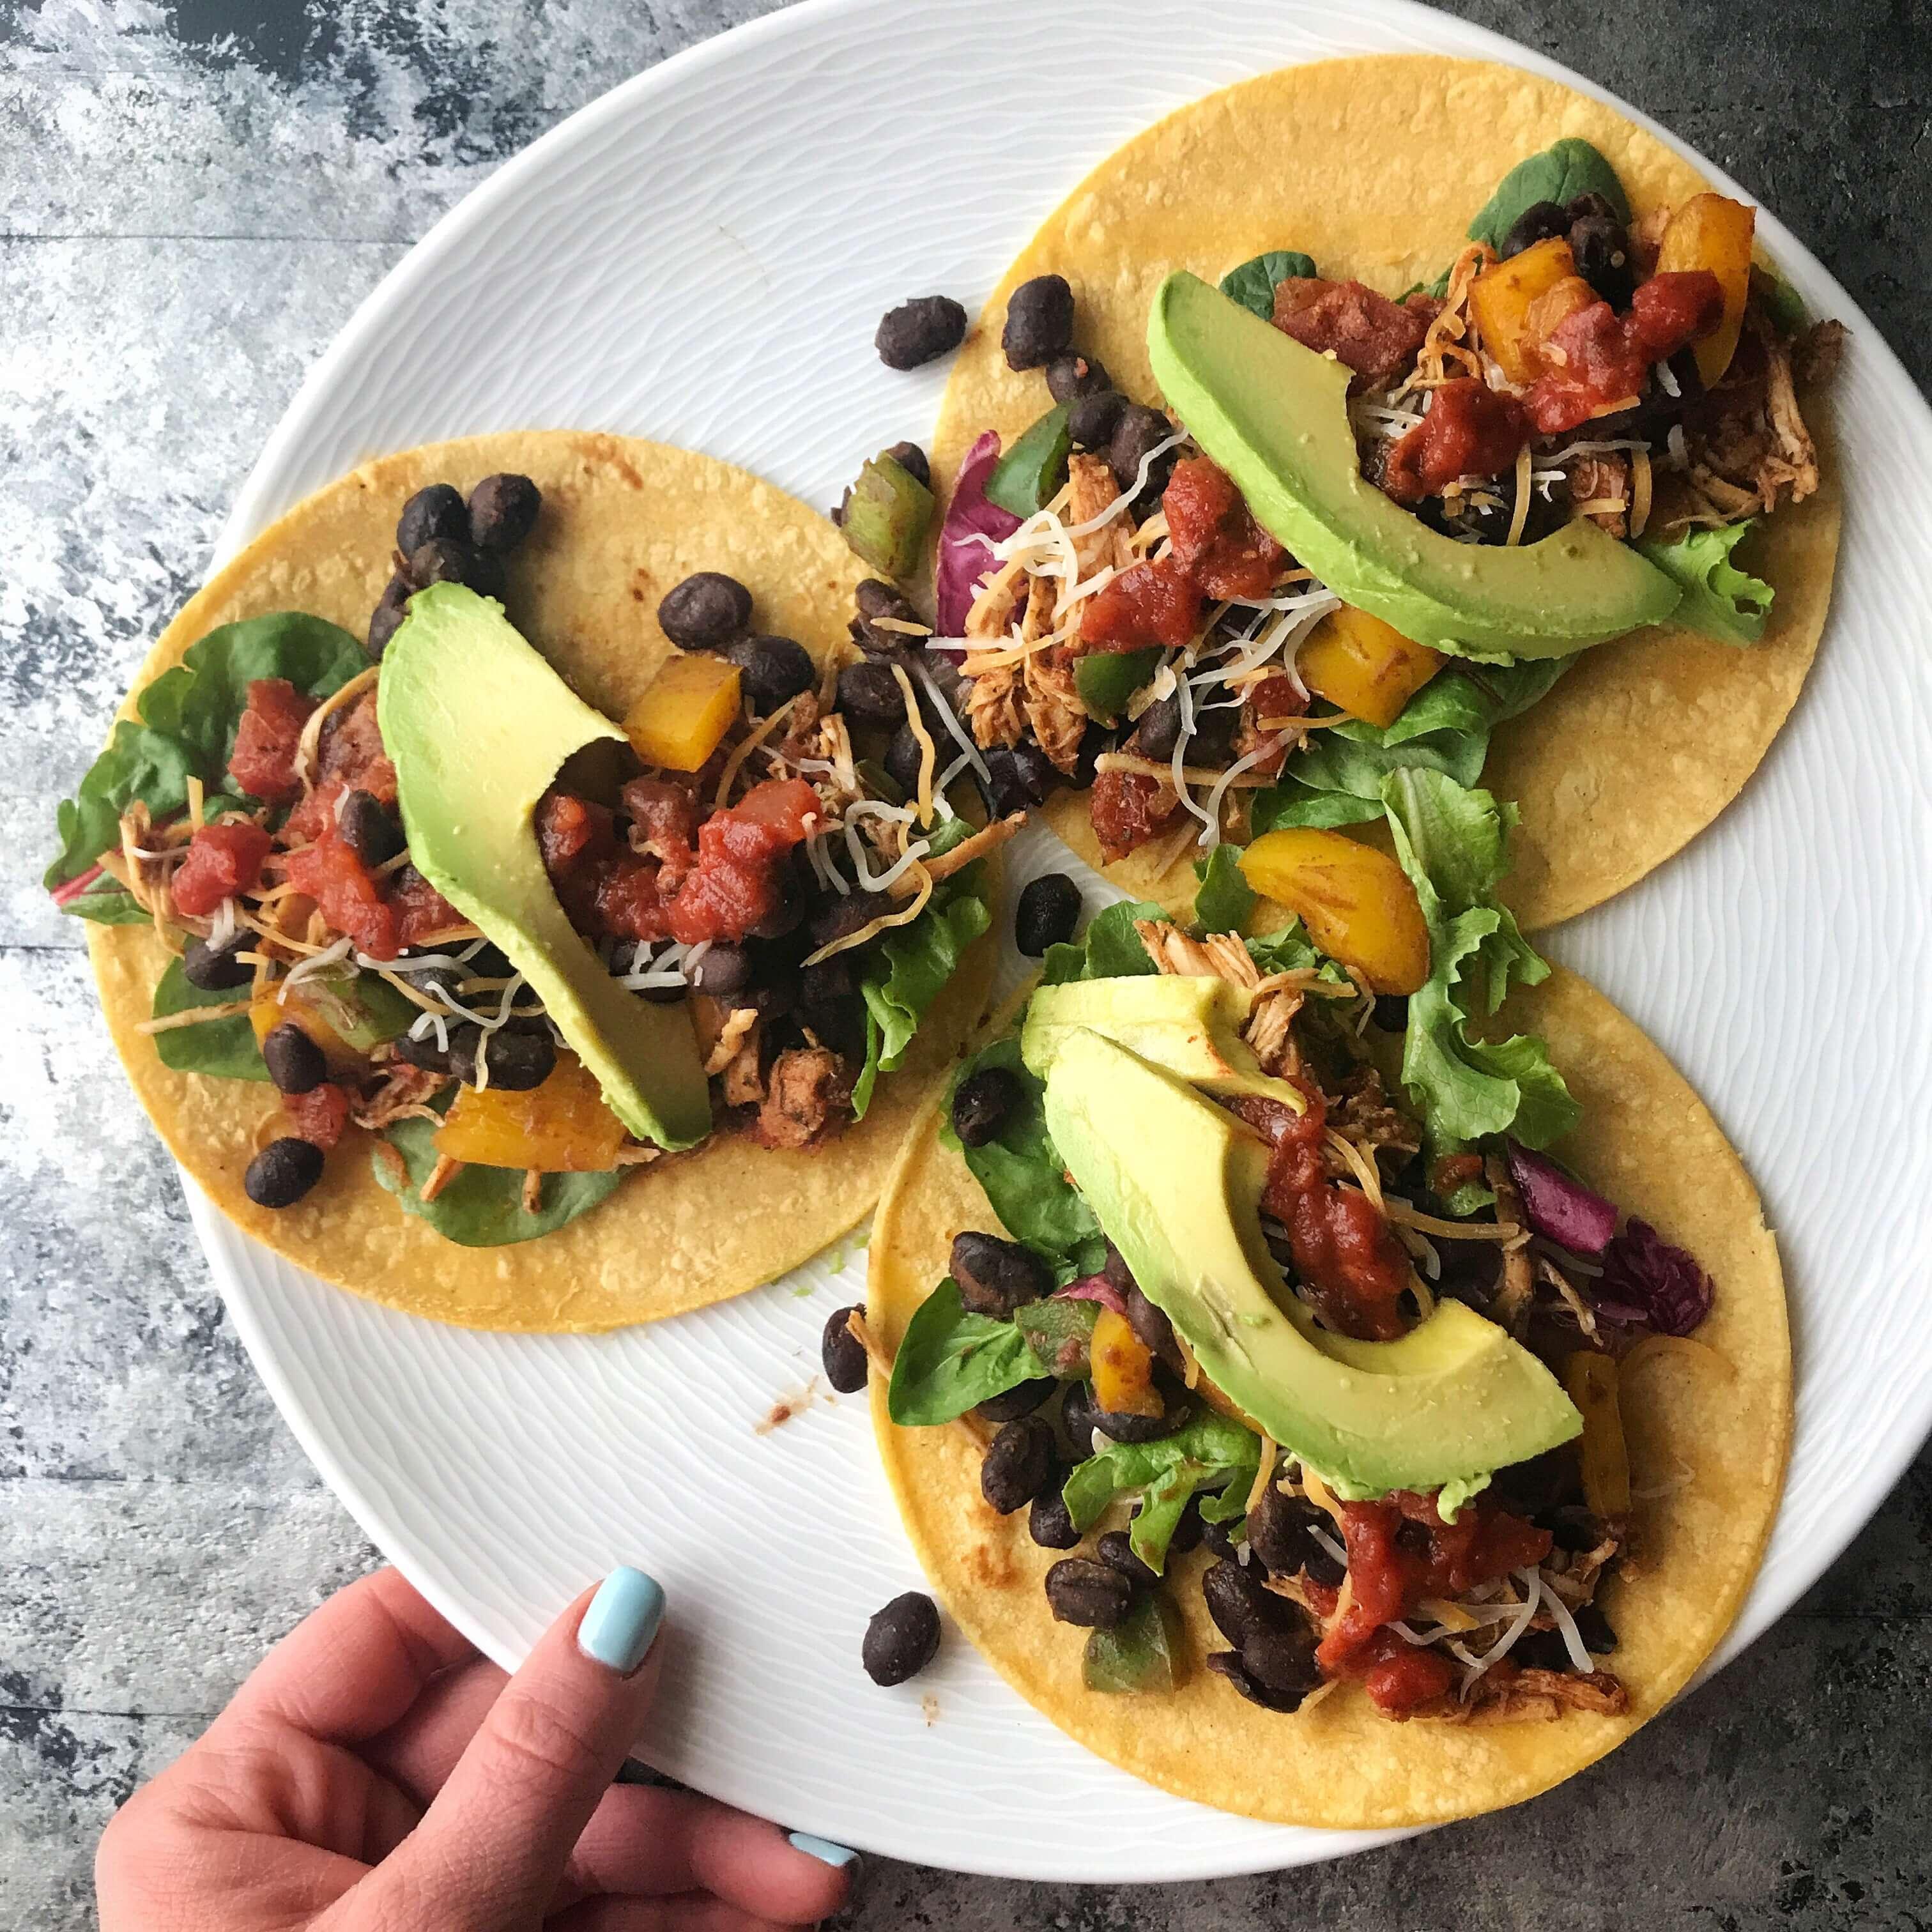 healthy foods dietitians keep in their fridges - grains, tacos